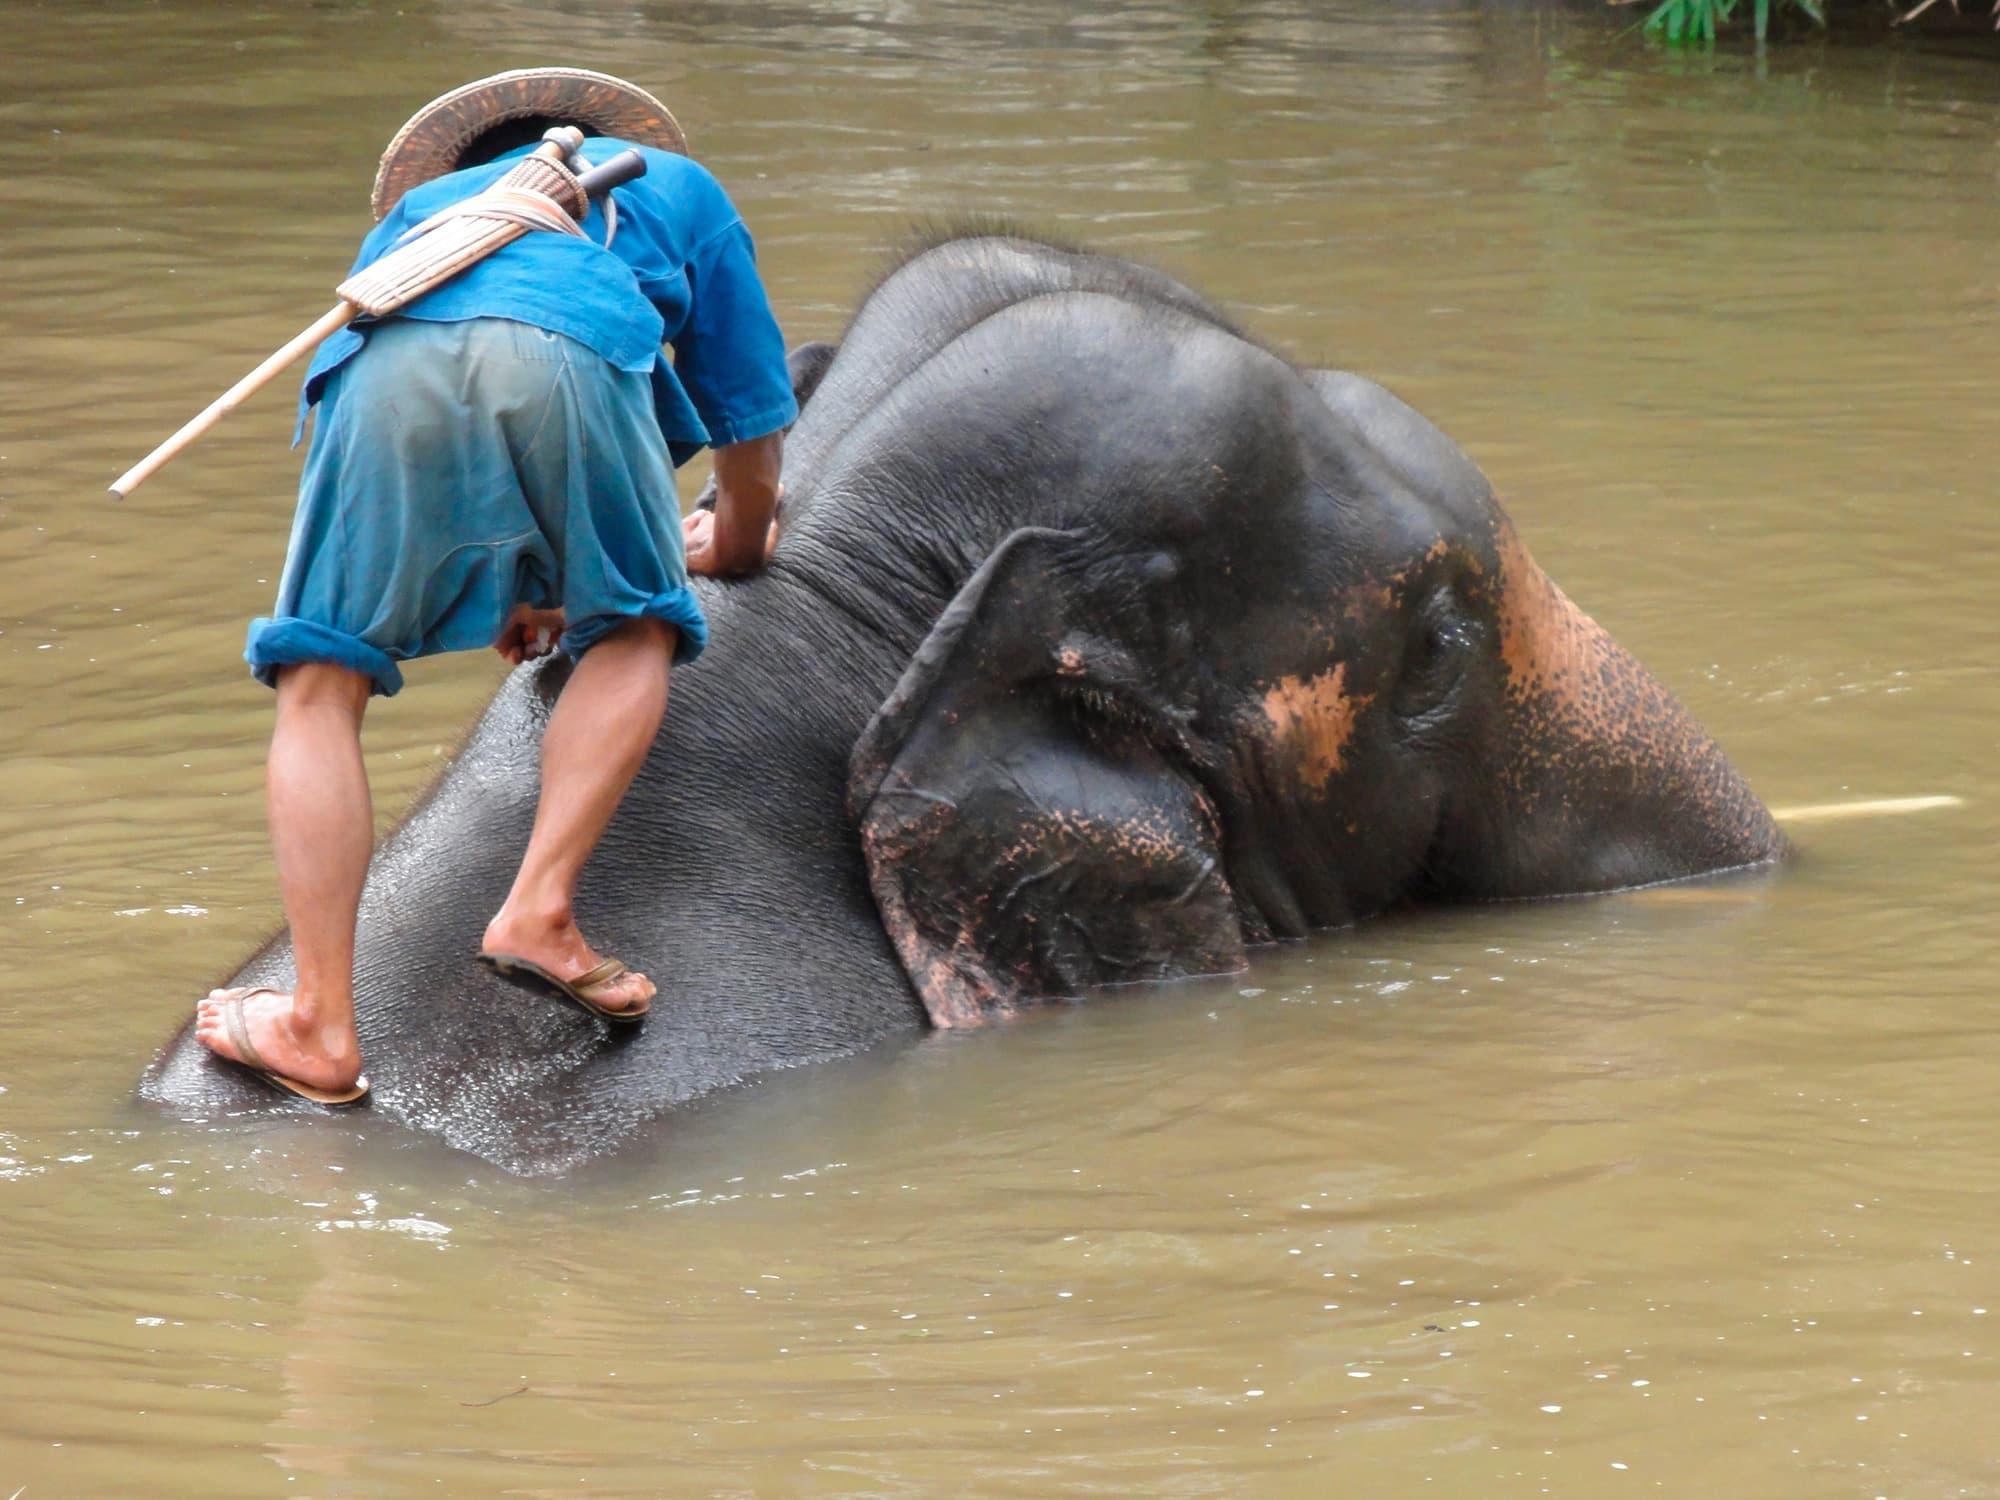 Tailandia del norte en hoteles boutique - Tailandia- imagen #7